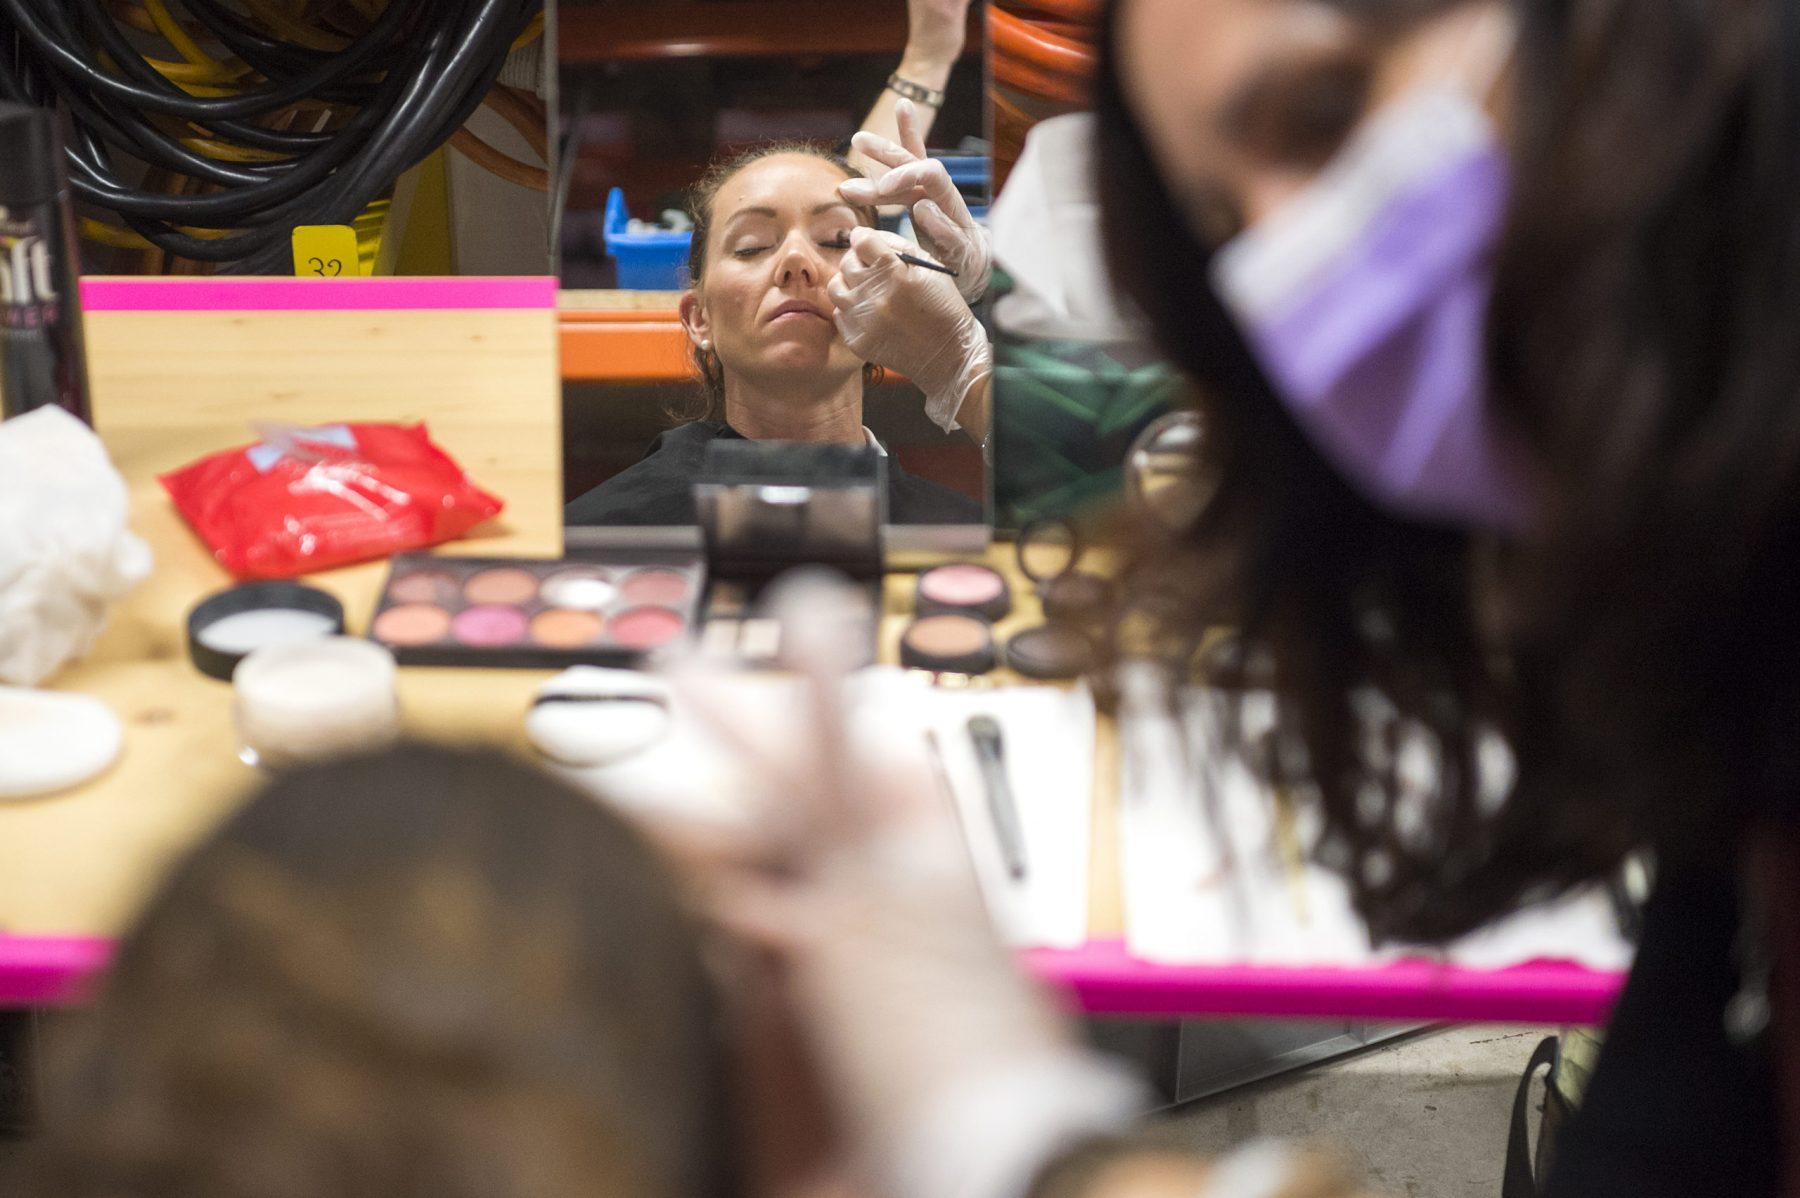 Wegen des Coronavirus konnte die traditionelle Bündner Sportnacht 2020, organisiert vom Bündner Verband für Sport, nicht wie üblich im feierlichen Rahmen durchgeführt werden.Der Bündner Sportler des Jahres Mauro Caviezel, die Zweitplatzierte Giulia Tanno, die Drittplatzierte Selina Gasparin (im Bild in der Maske) und die weiteren Auszeichnungen in den Kategorien Nachwuchssportlerin Valentina Caluori, Verein TV Rhäzüns mit dem Präsident Marino Spadin, Funktionär/Trainer Clemens Caderas und Behindertensportler Walter Eberle wurden dennoch am 5.6.20 verliehen. In einer TV Südostschweiz Spezialsendung im provisorischen Studio von On Air in Malans wurden die Auszeichnungen am 5.6.20 übergeben.   Bild Olivia Aebli-Item